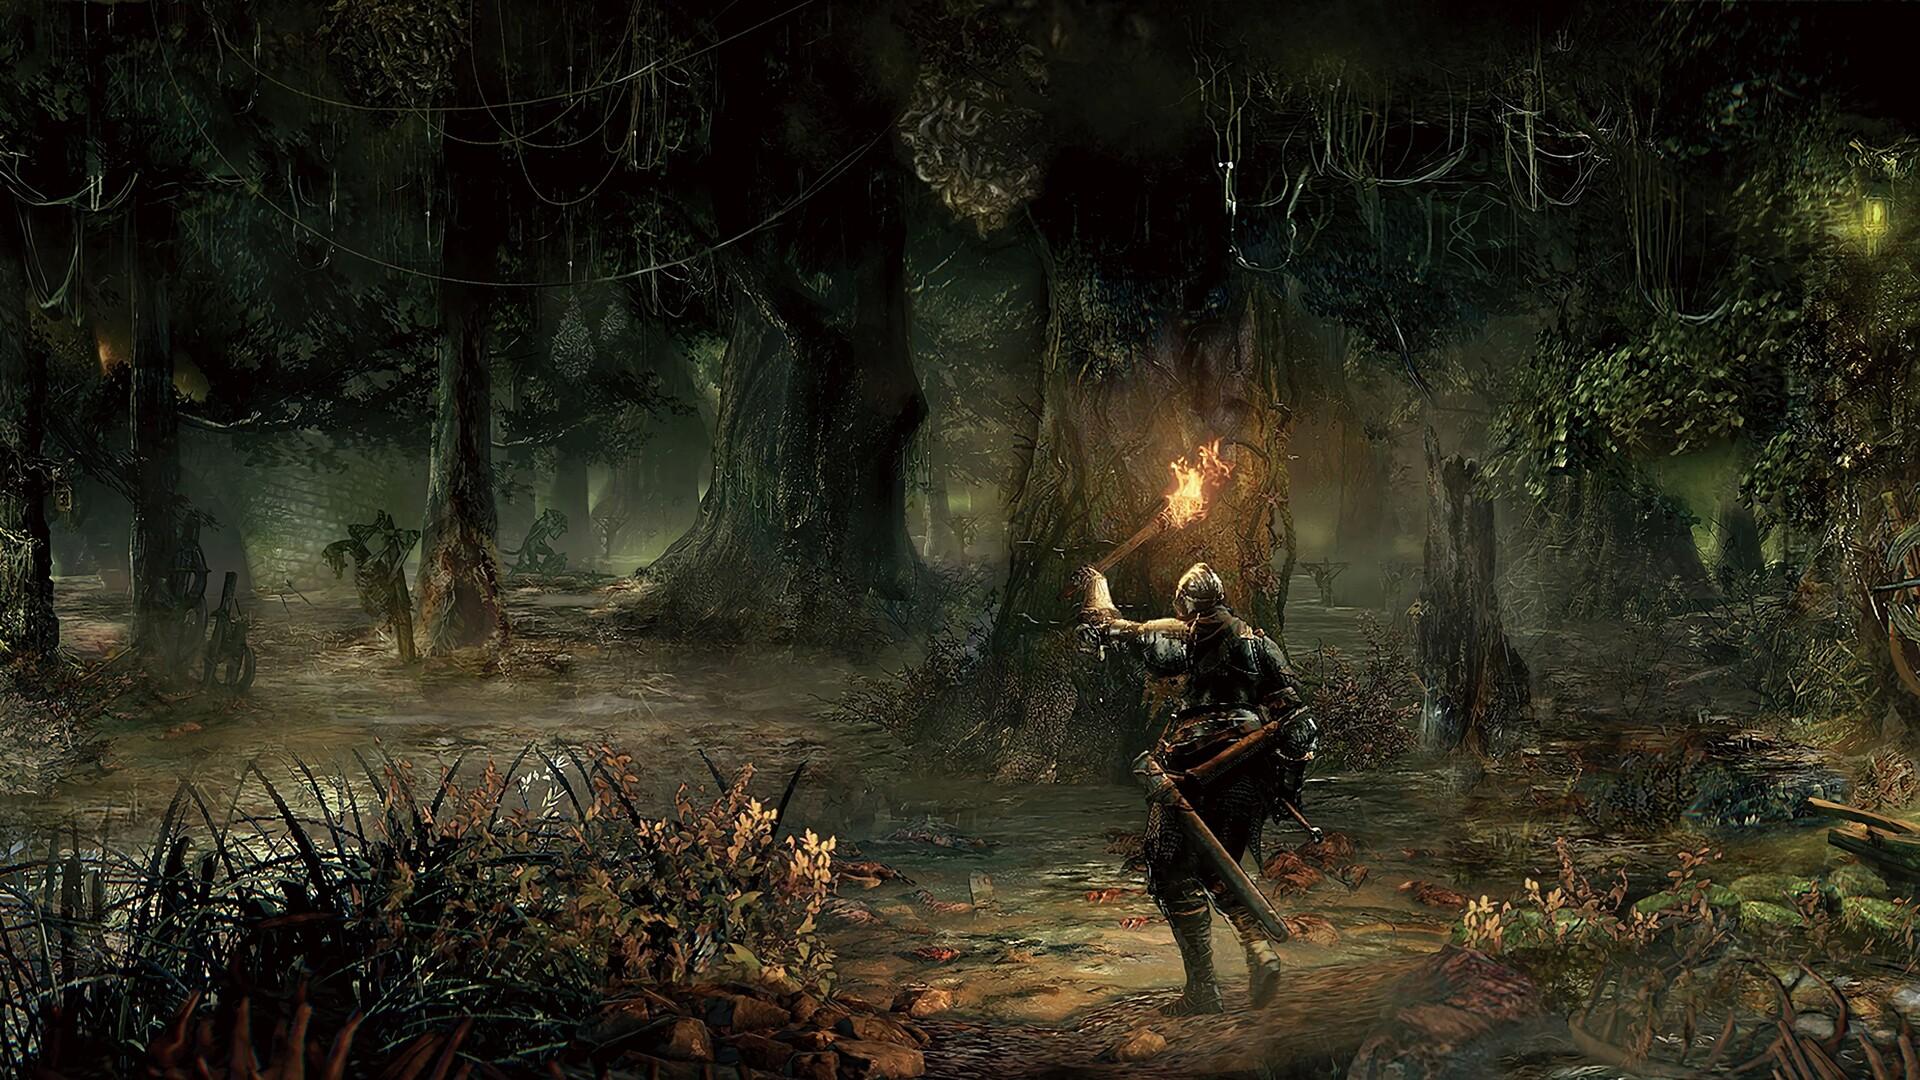 Dark Souls 3 Wallpaper 1080p: 1920x1080 Dark Souls 3 Game Art Laptop Full HD 1080P HD 4k